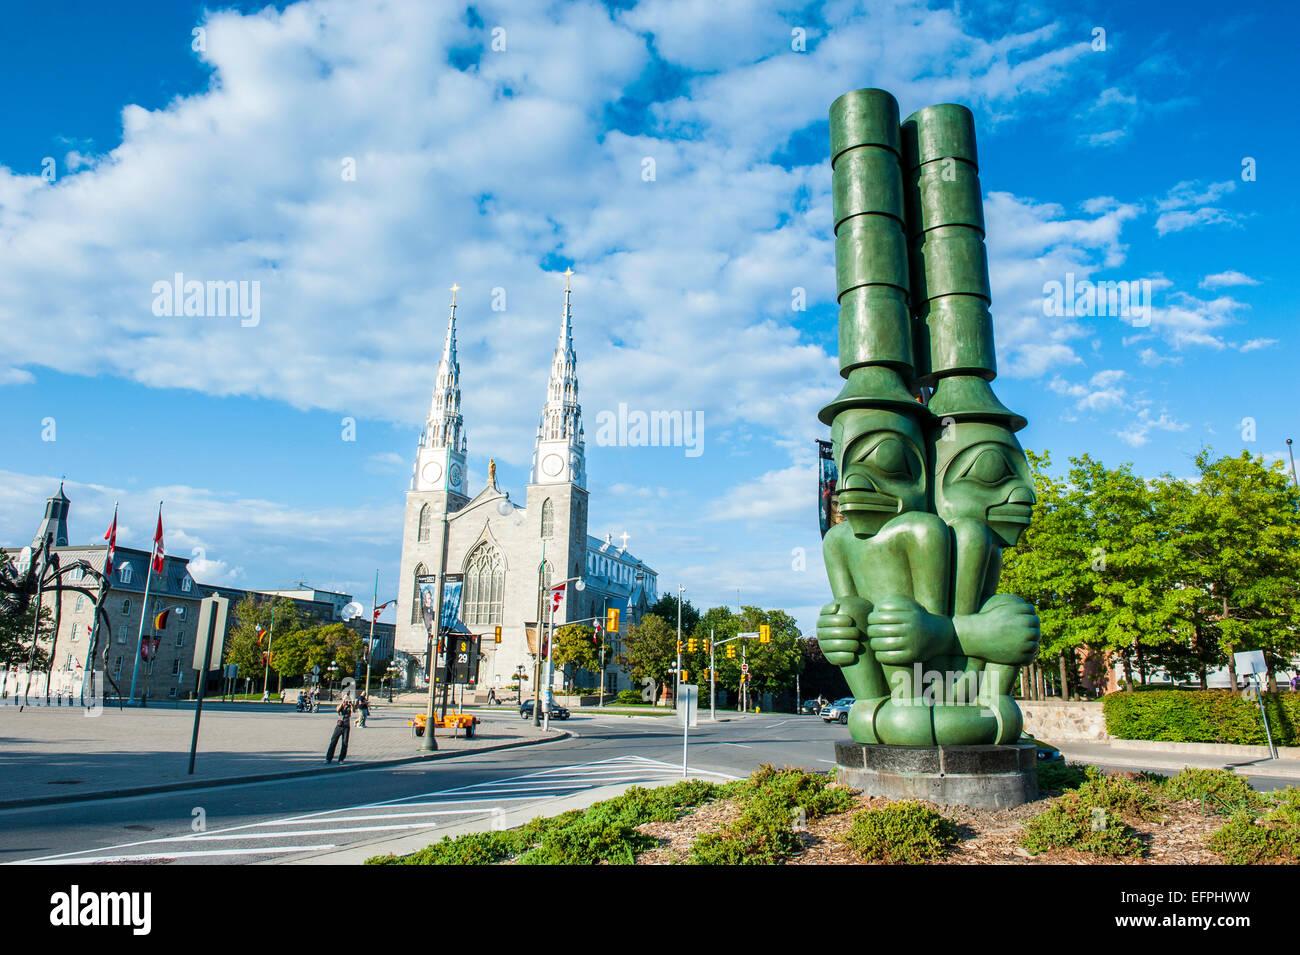 Estatua moderna, Ottawa, Ontario, Canadá, Norteamérica Imagen De Stock